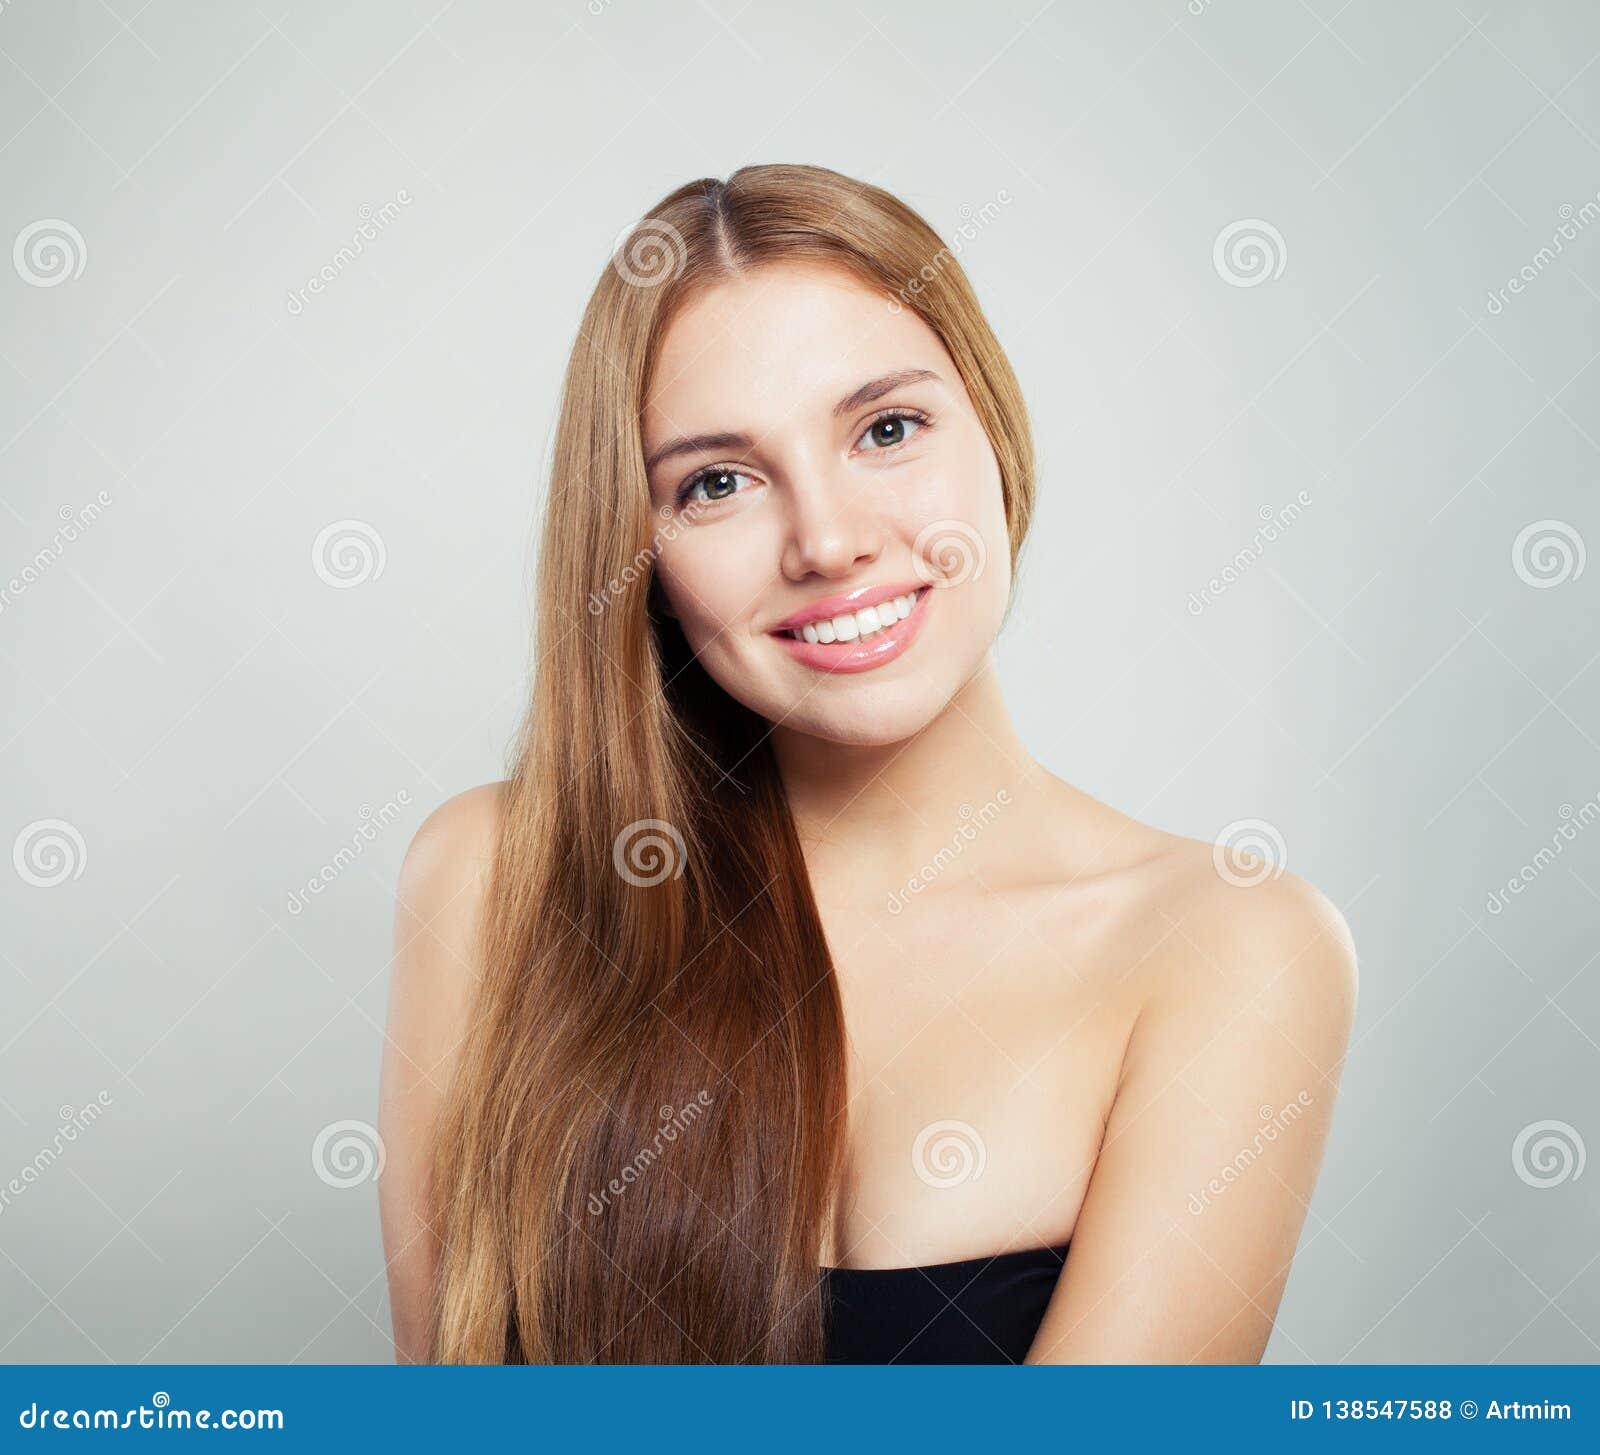 Natuurlijke Schoonheid Jong vrouwelijk gezichtsportret Model met gezond haar en duidelijke huid op witte achtergrond